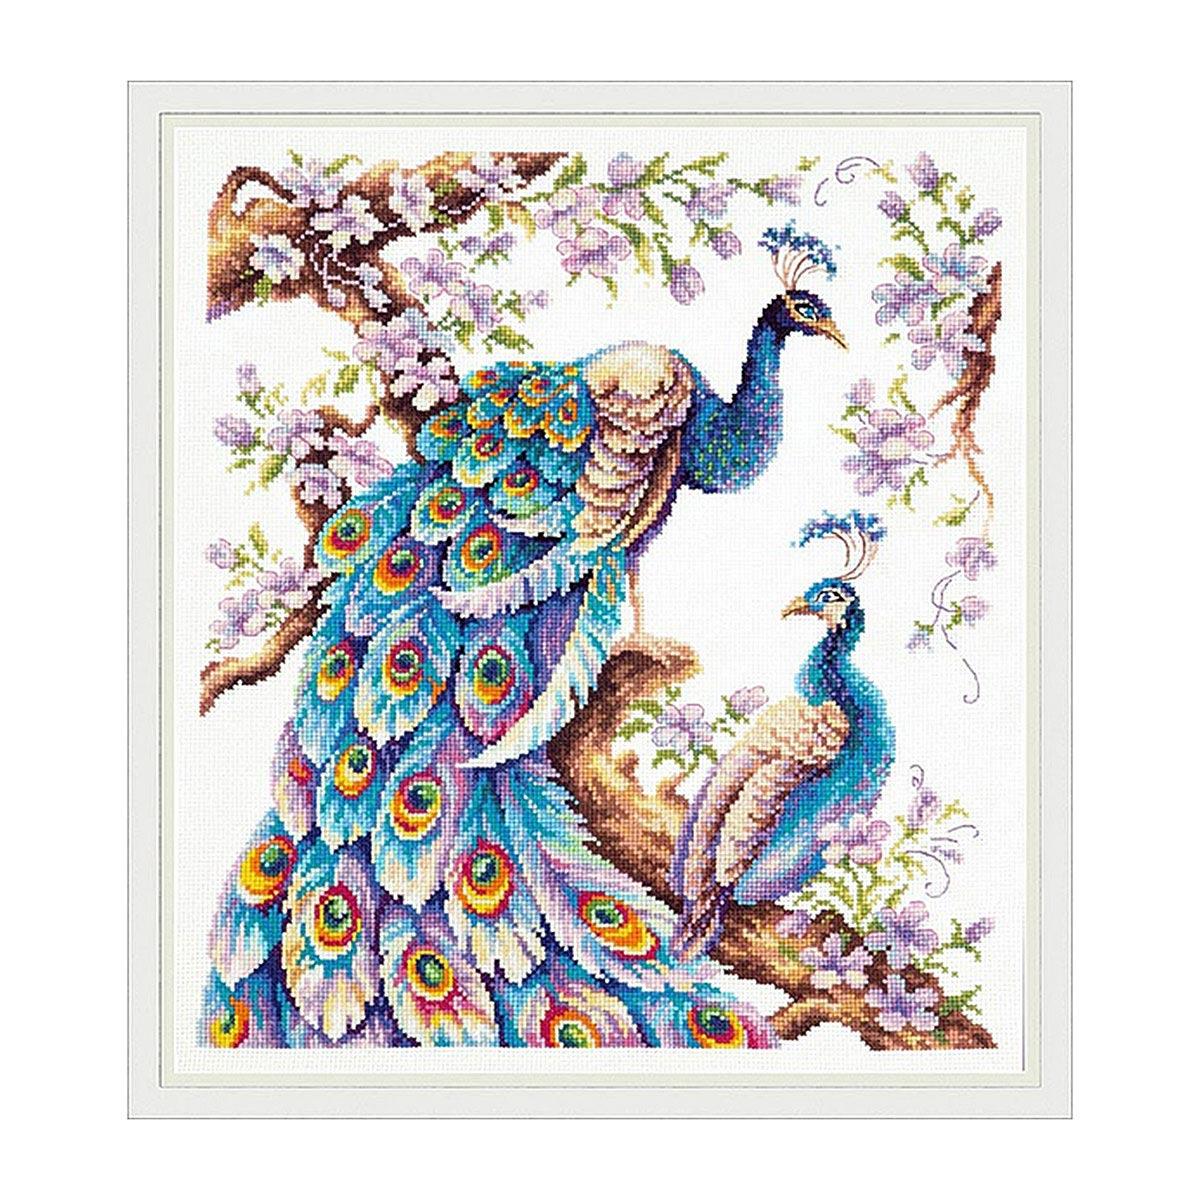 64-06 Набор для вышивания 'Чудесная игла' 'Во всей красе!', 32*36 см